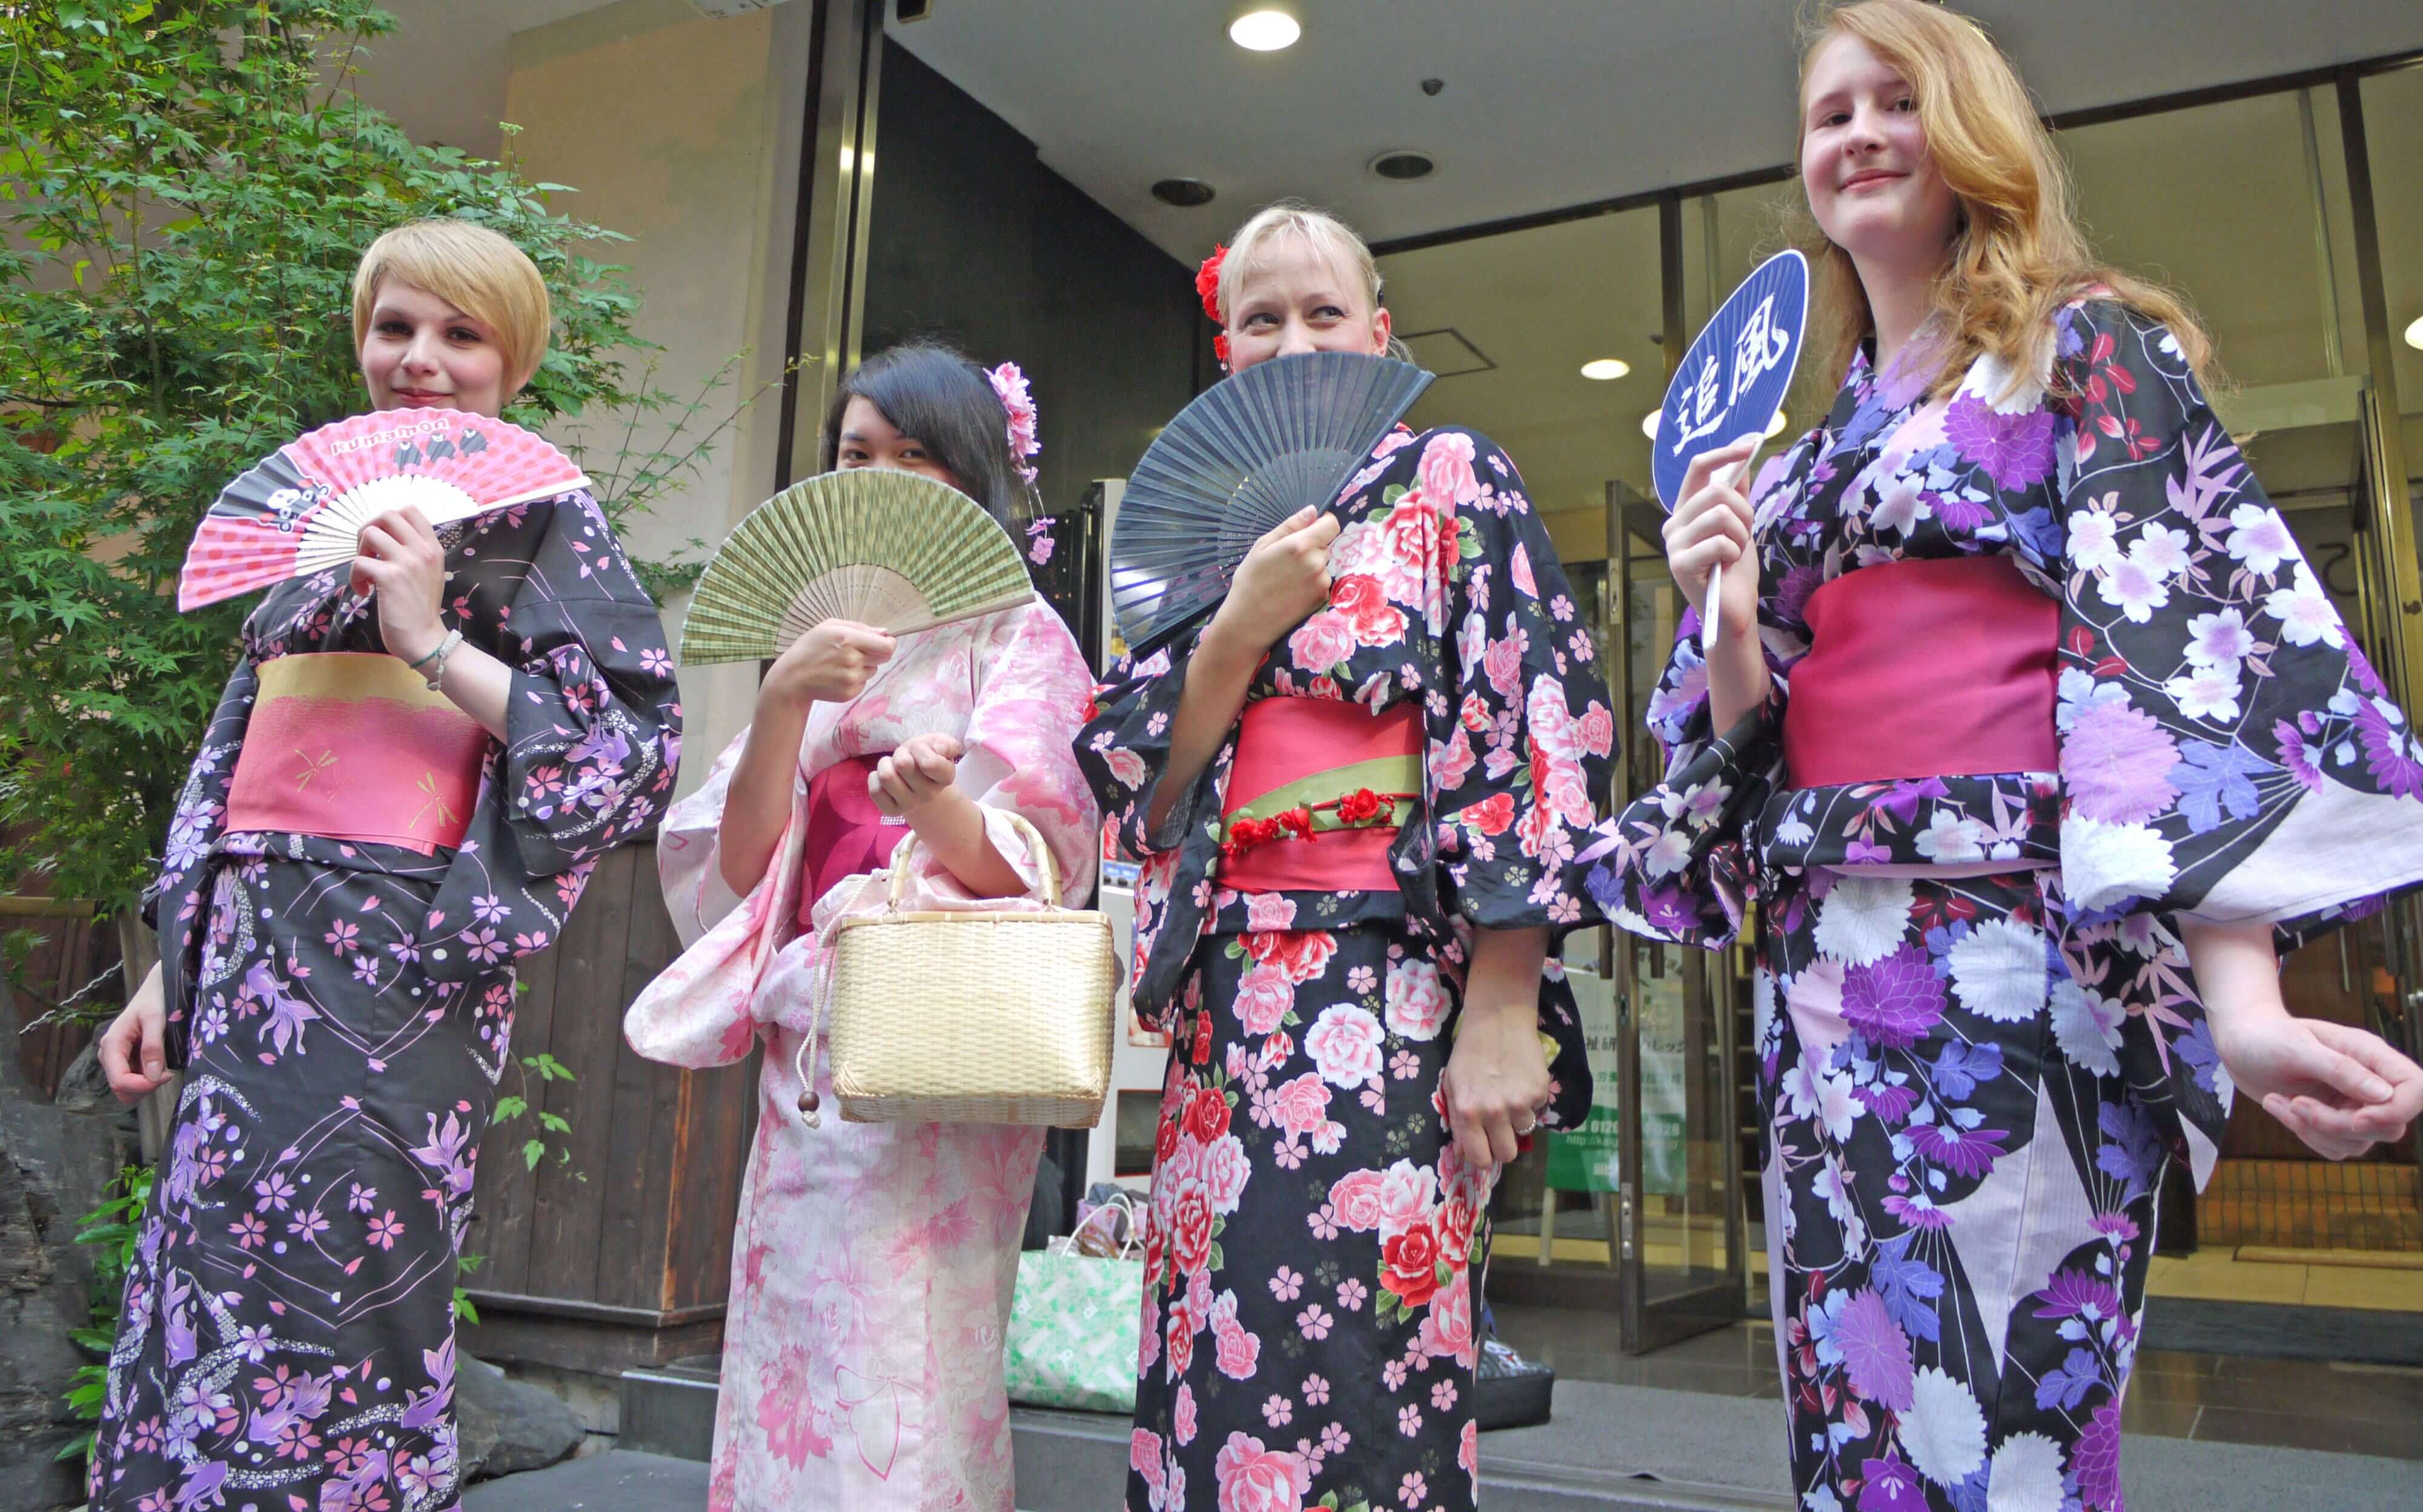 genki tokyo activity school